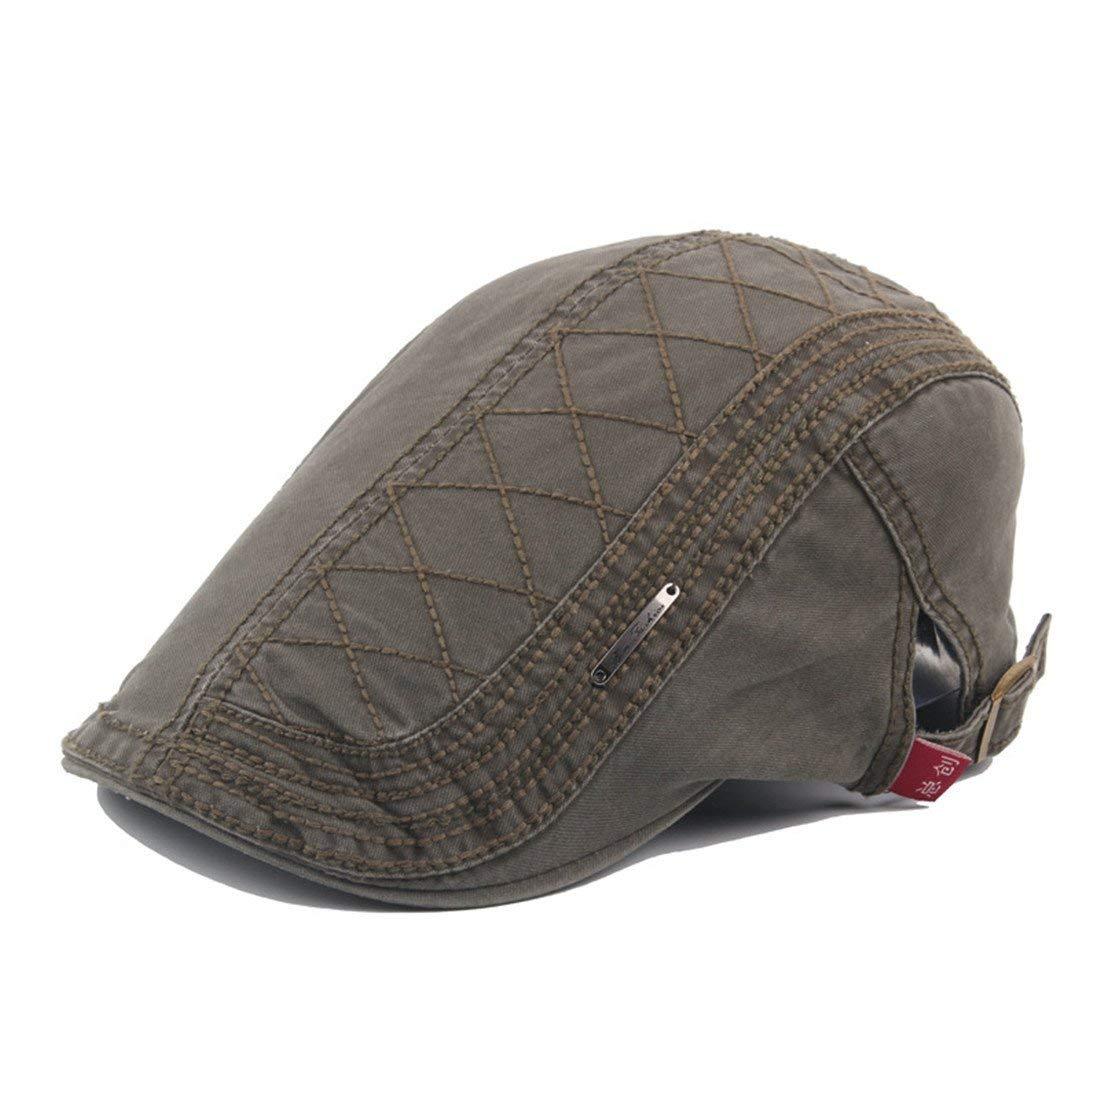 bbd94460fa790 Globalwells Women Winter Woolen Newsboy Beret Cap Flat hat with Flower  22.99. Globalwells Men s Cotton Flat Hats Vintage Ivy Gatsby Newsboy  Duckbill Caps